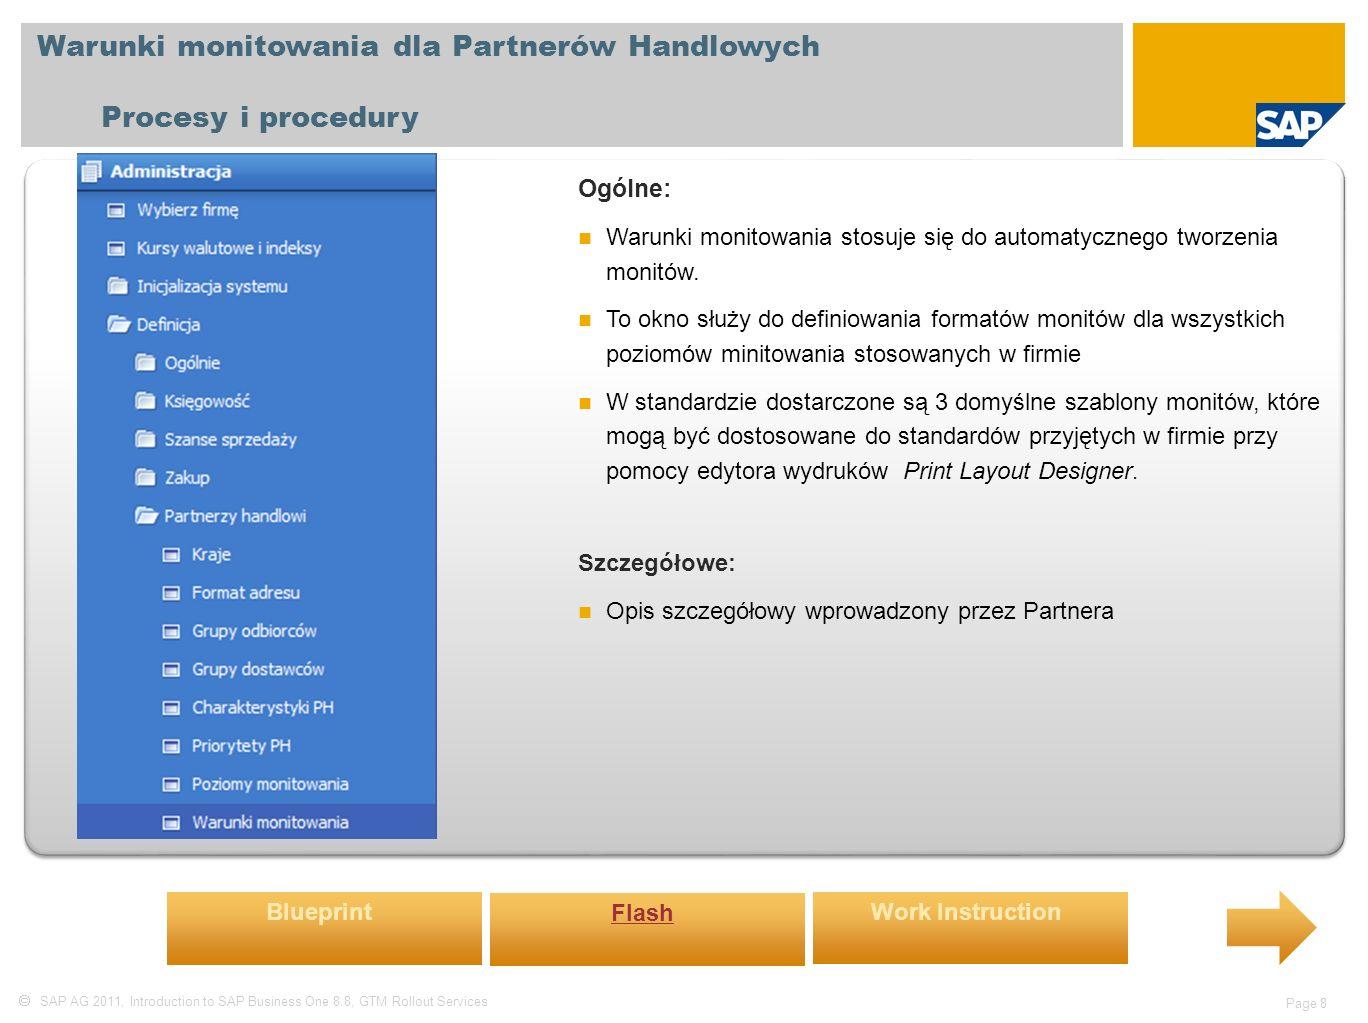  SAP AG 2011, Introduction to SAP Business One 8.8, GTM Rollout Services Page 9 Warunki płatności dla Partnerów Handlowych Procesy i procedury Ogólne: Okno to służy do definiowania warunków płatności dla transakcji z odbiorcami i dostawcami.